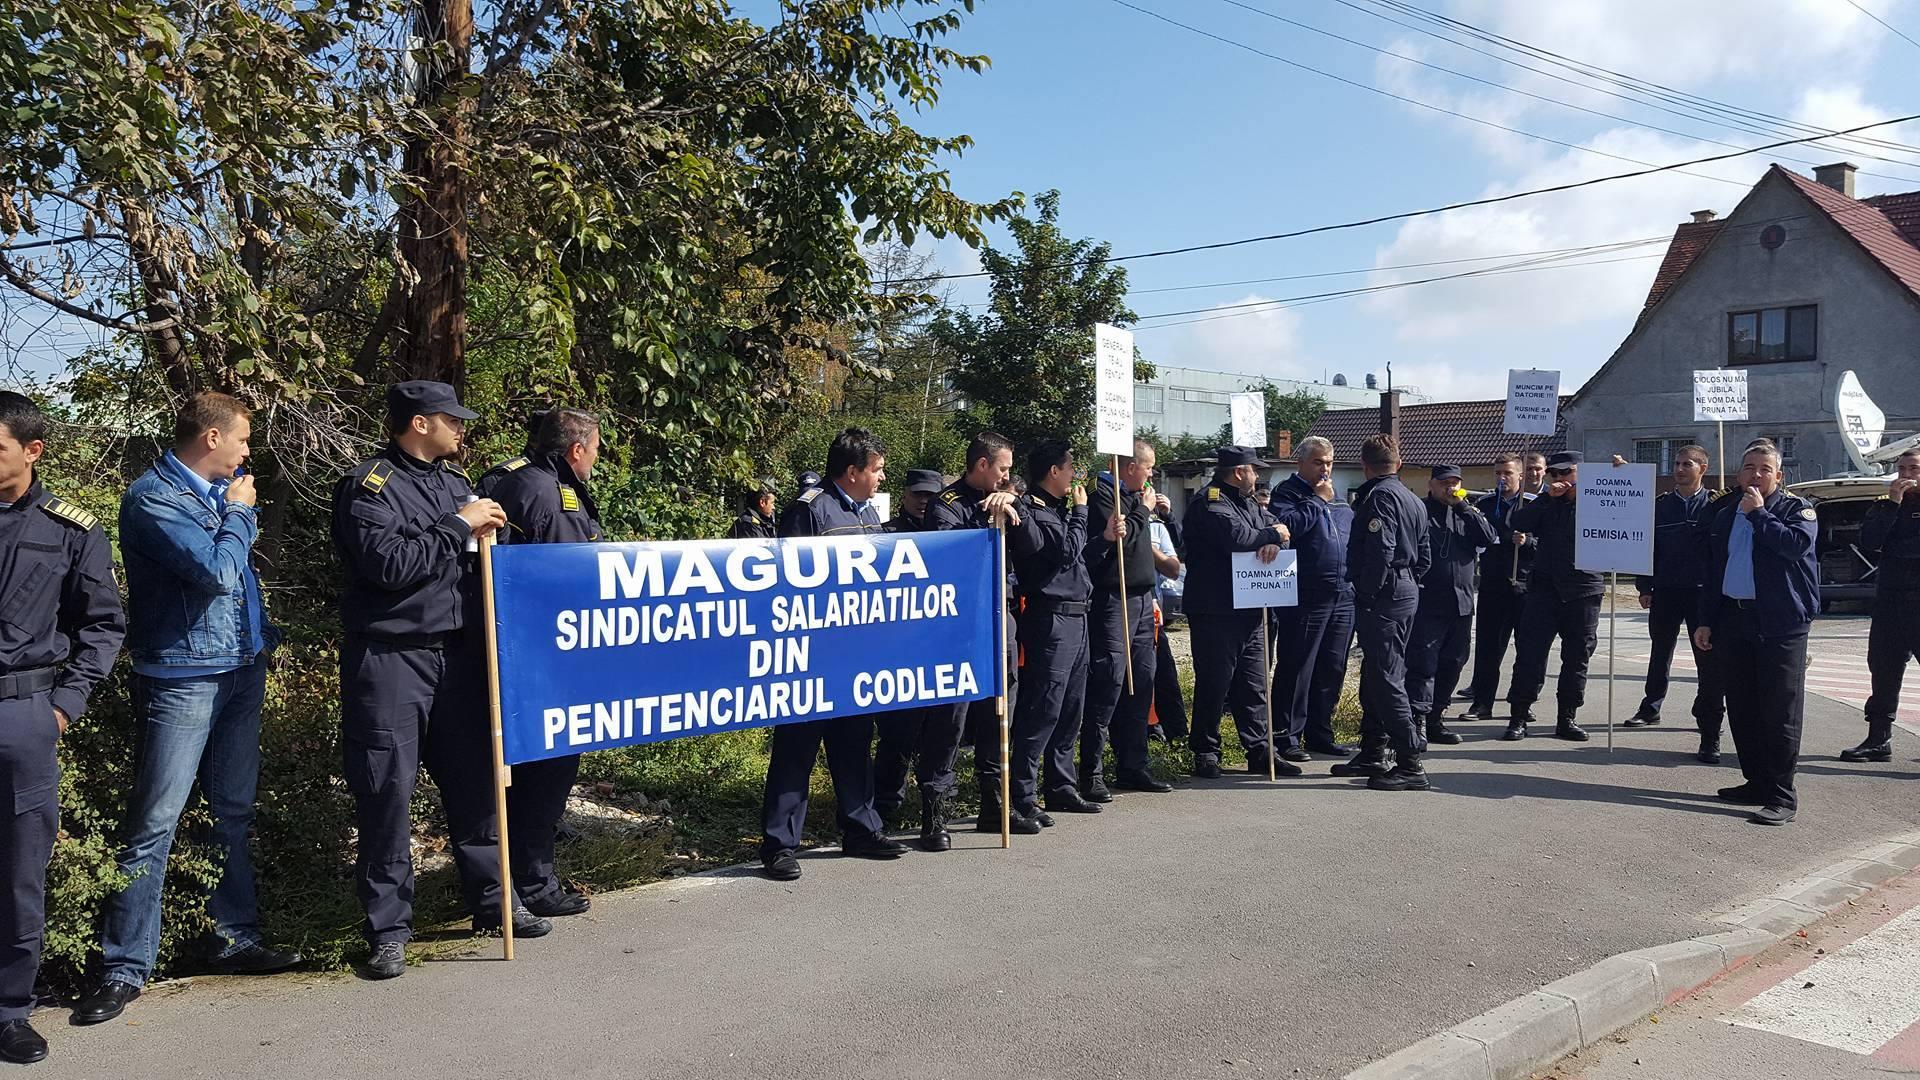 penitenciarul-codlea-protest-sindicat